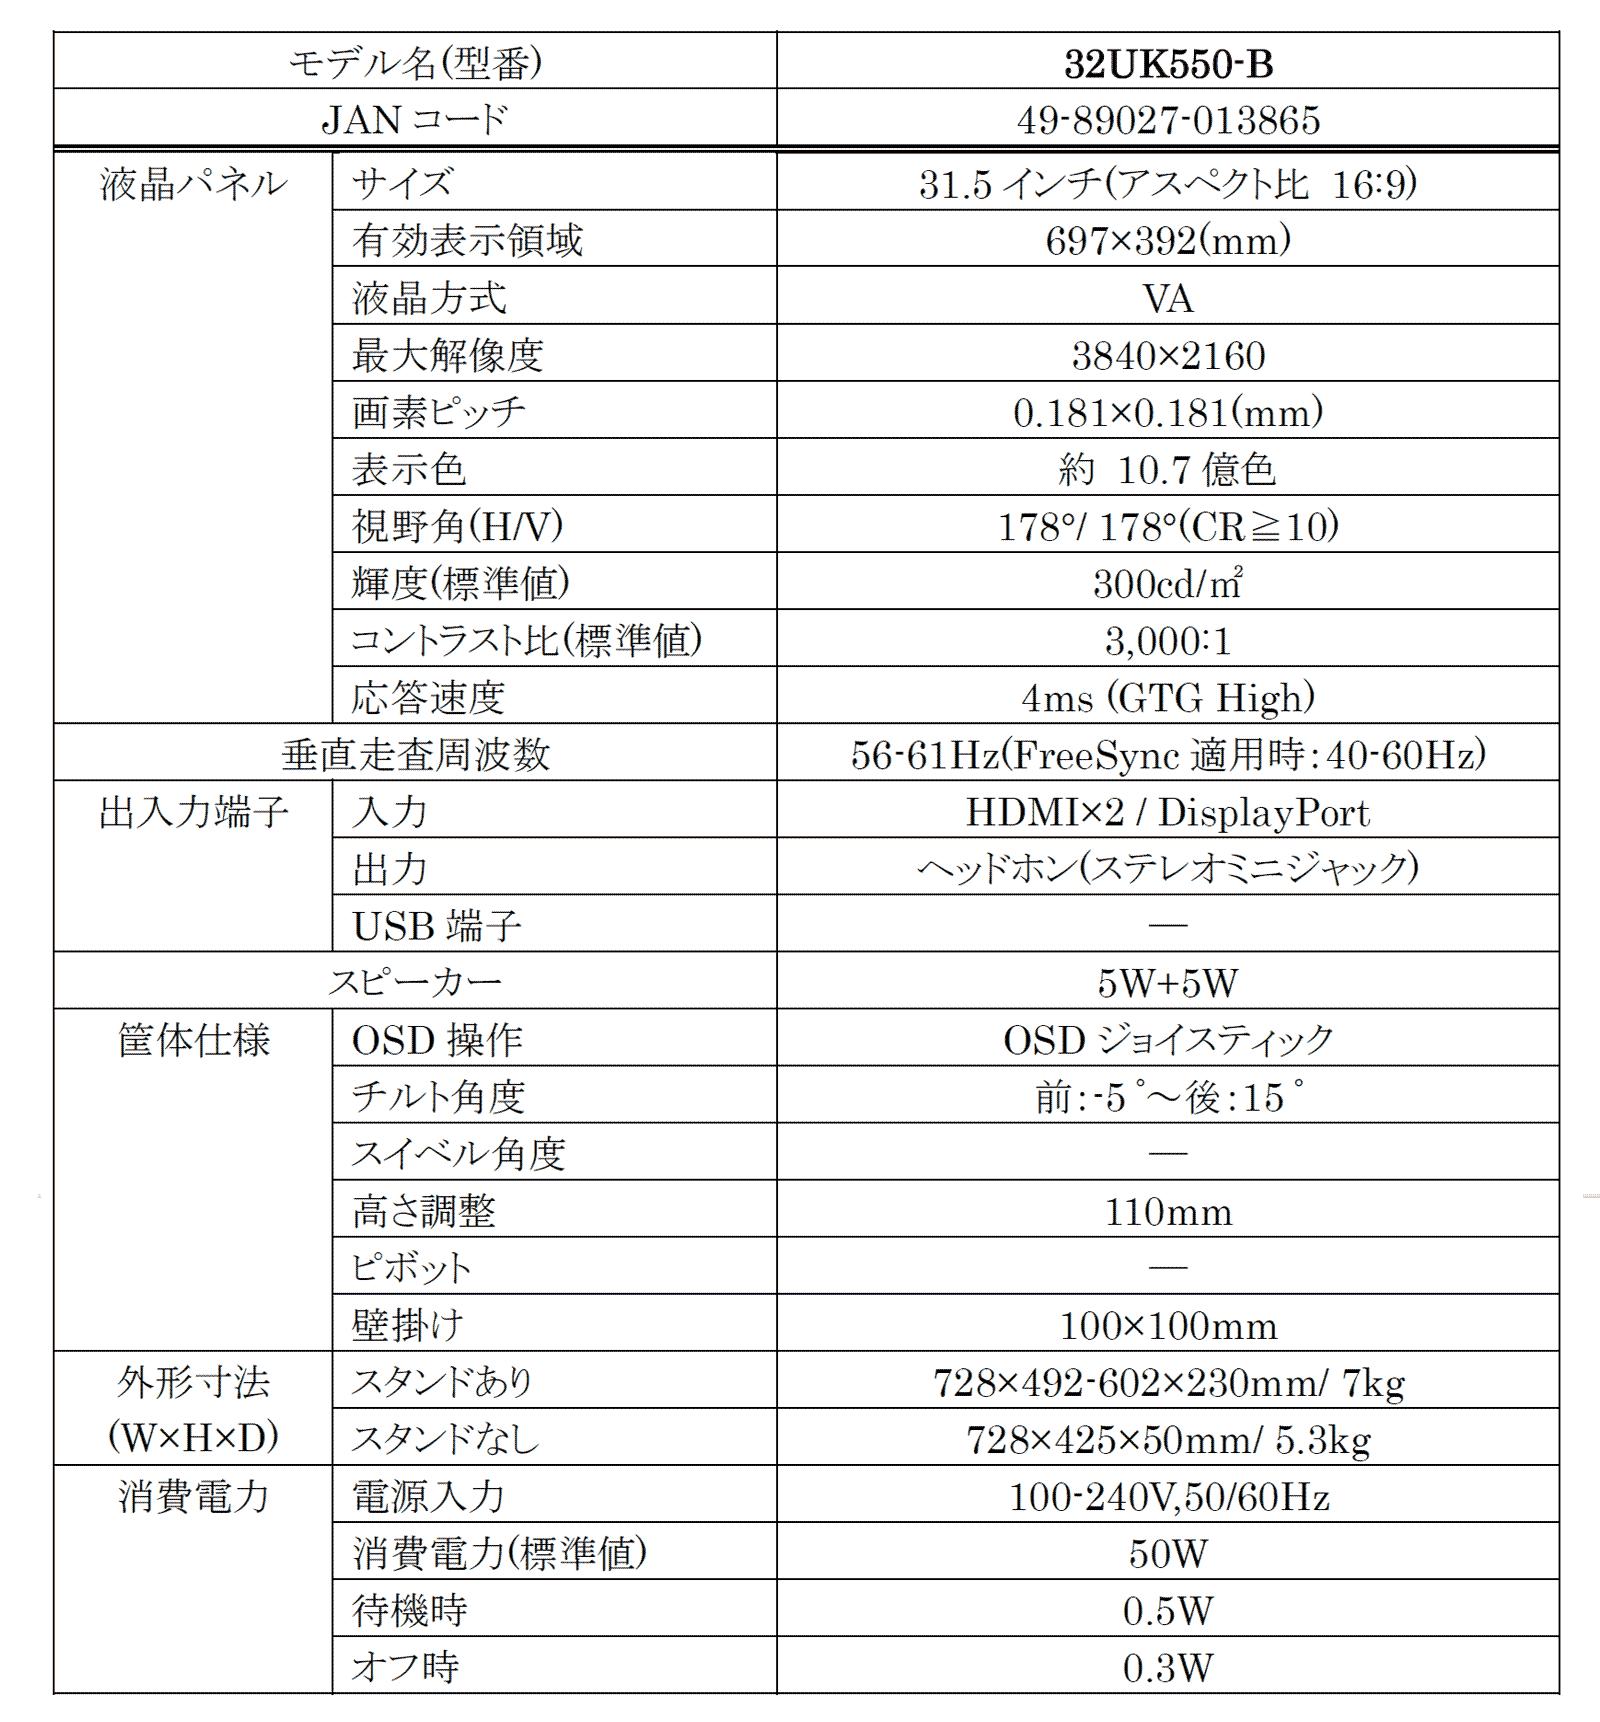 「32UK550-B」の主な仕様